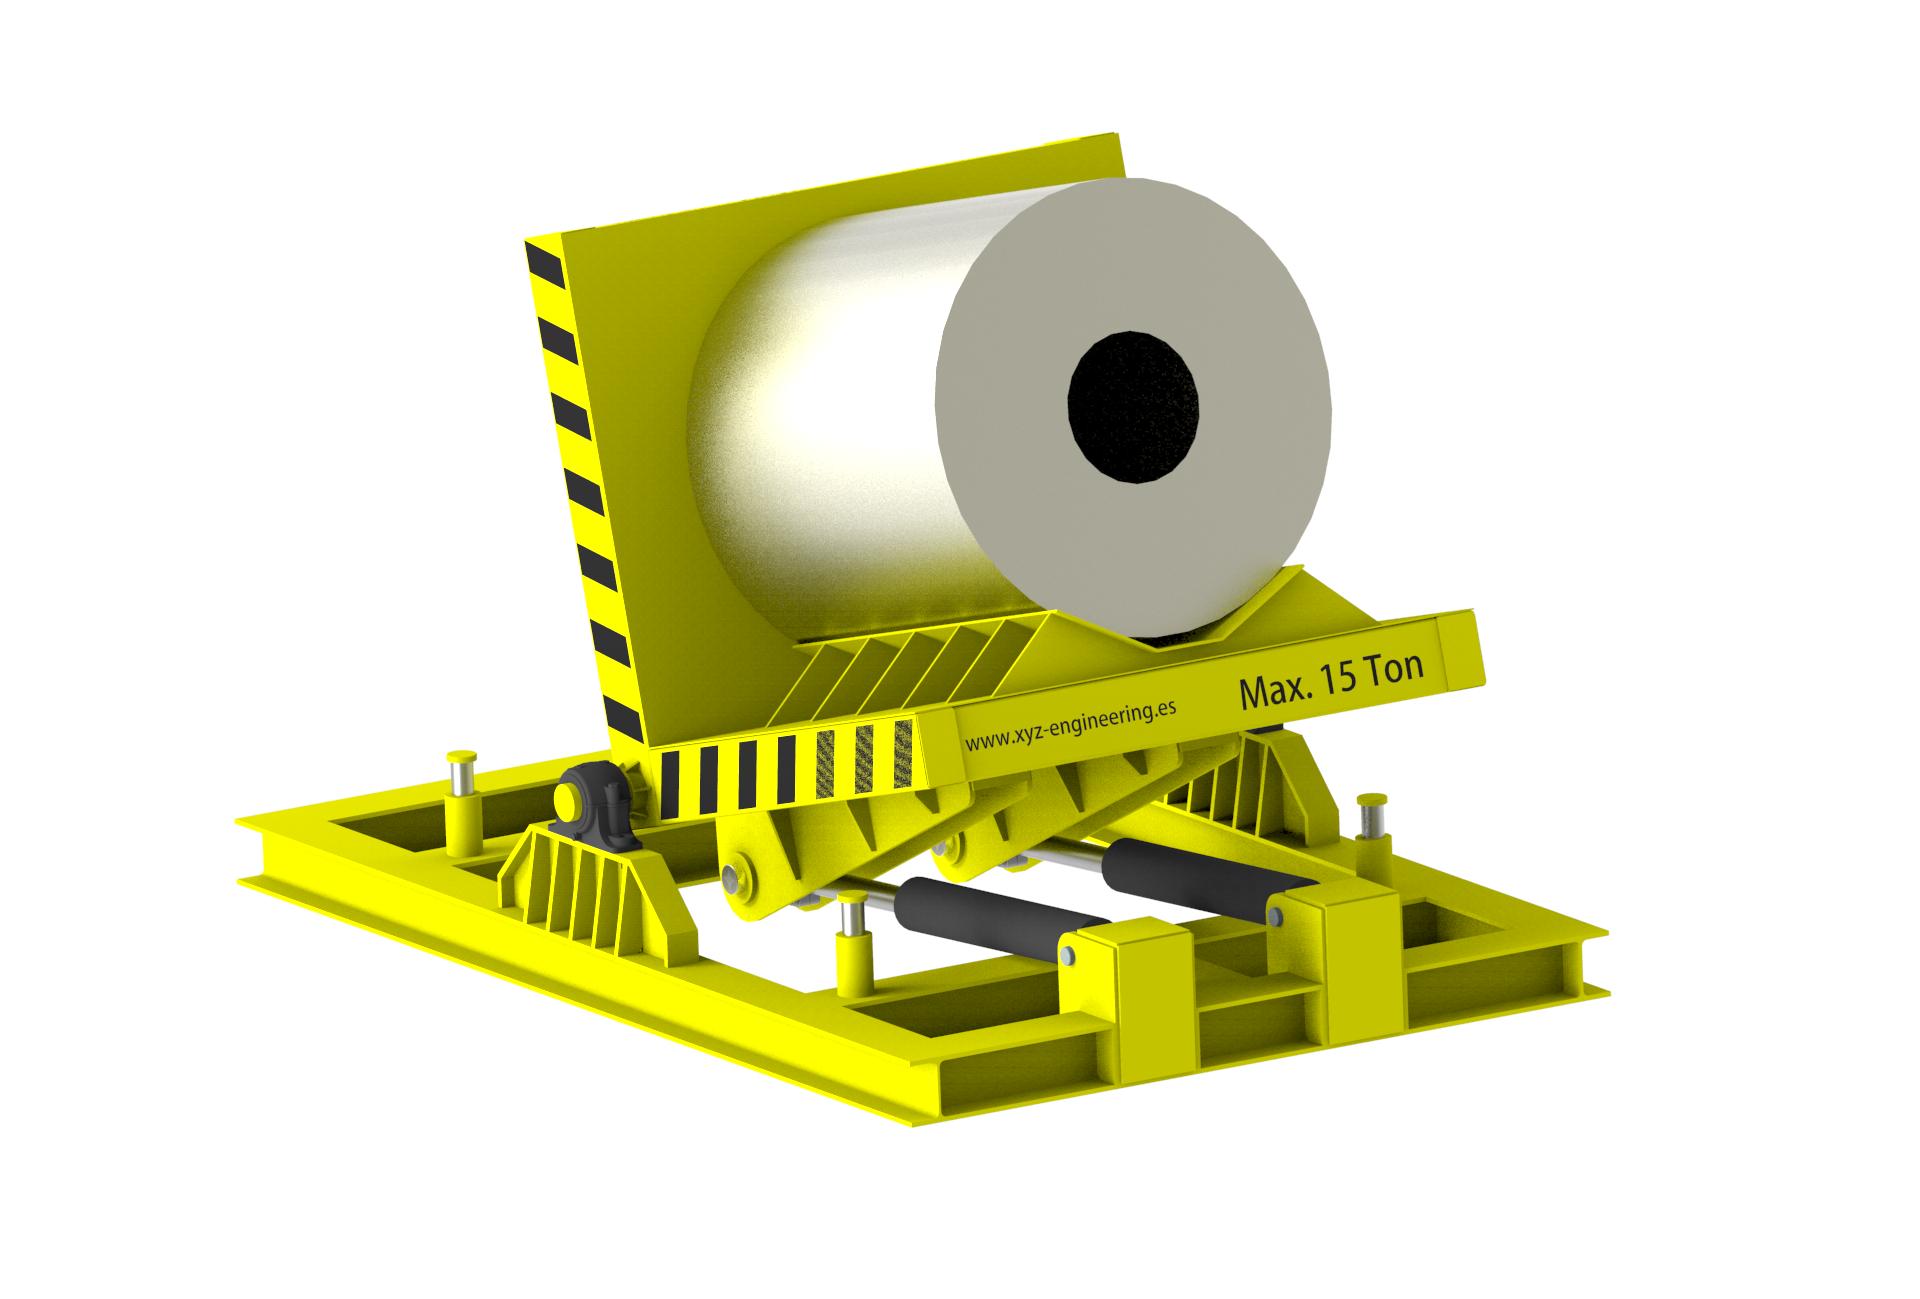 Volteador de bobinas. Elevador de bobinas. Transportador de bobinas. COil turner. Coil tilting